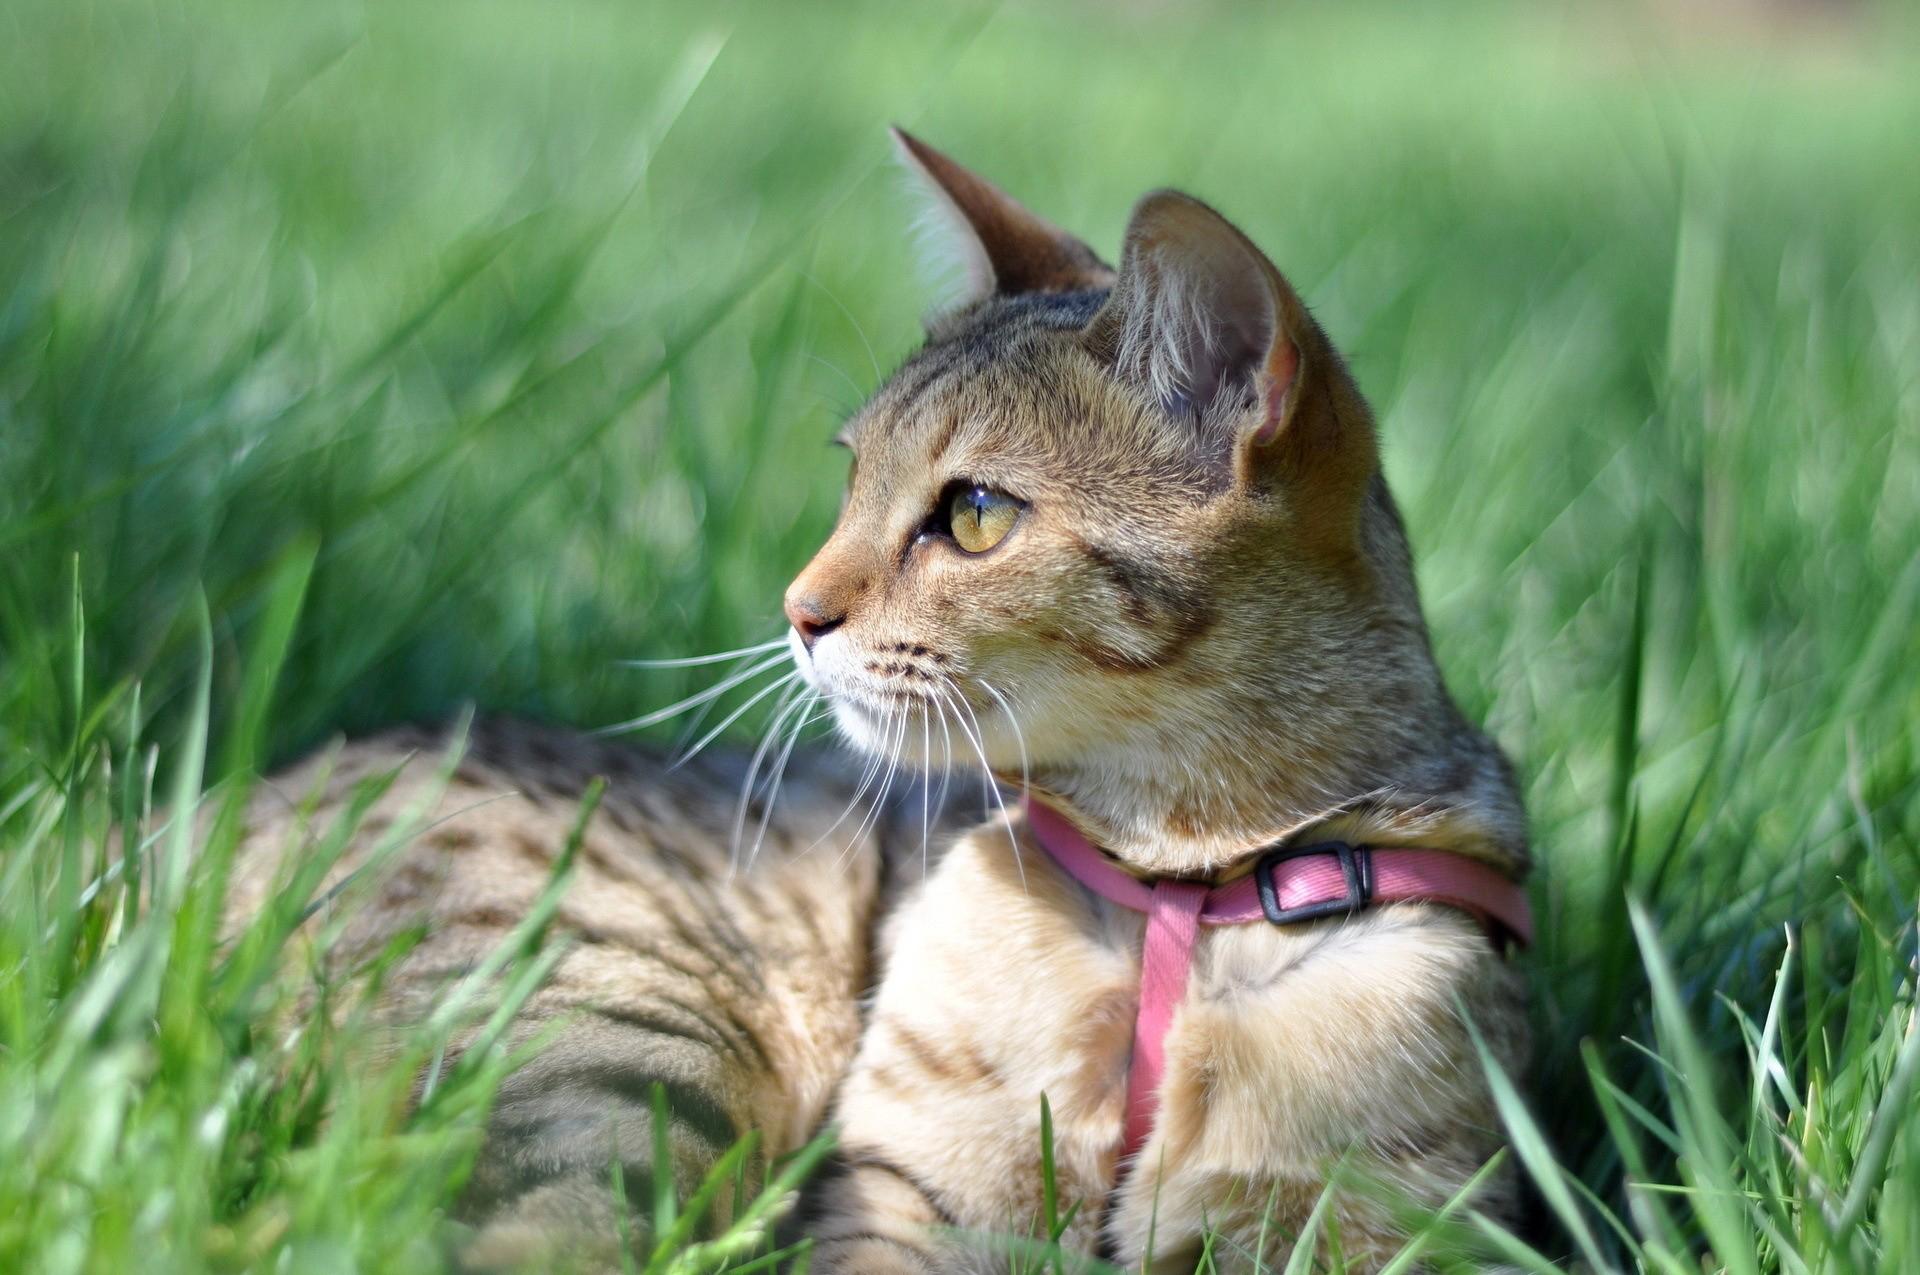 Кот возле забора на траве бесплатно